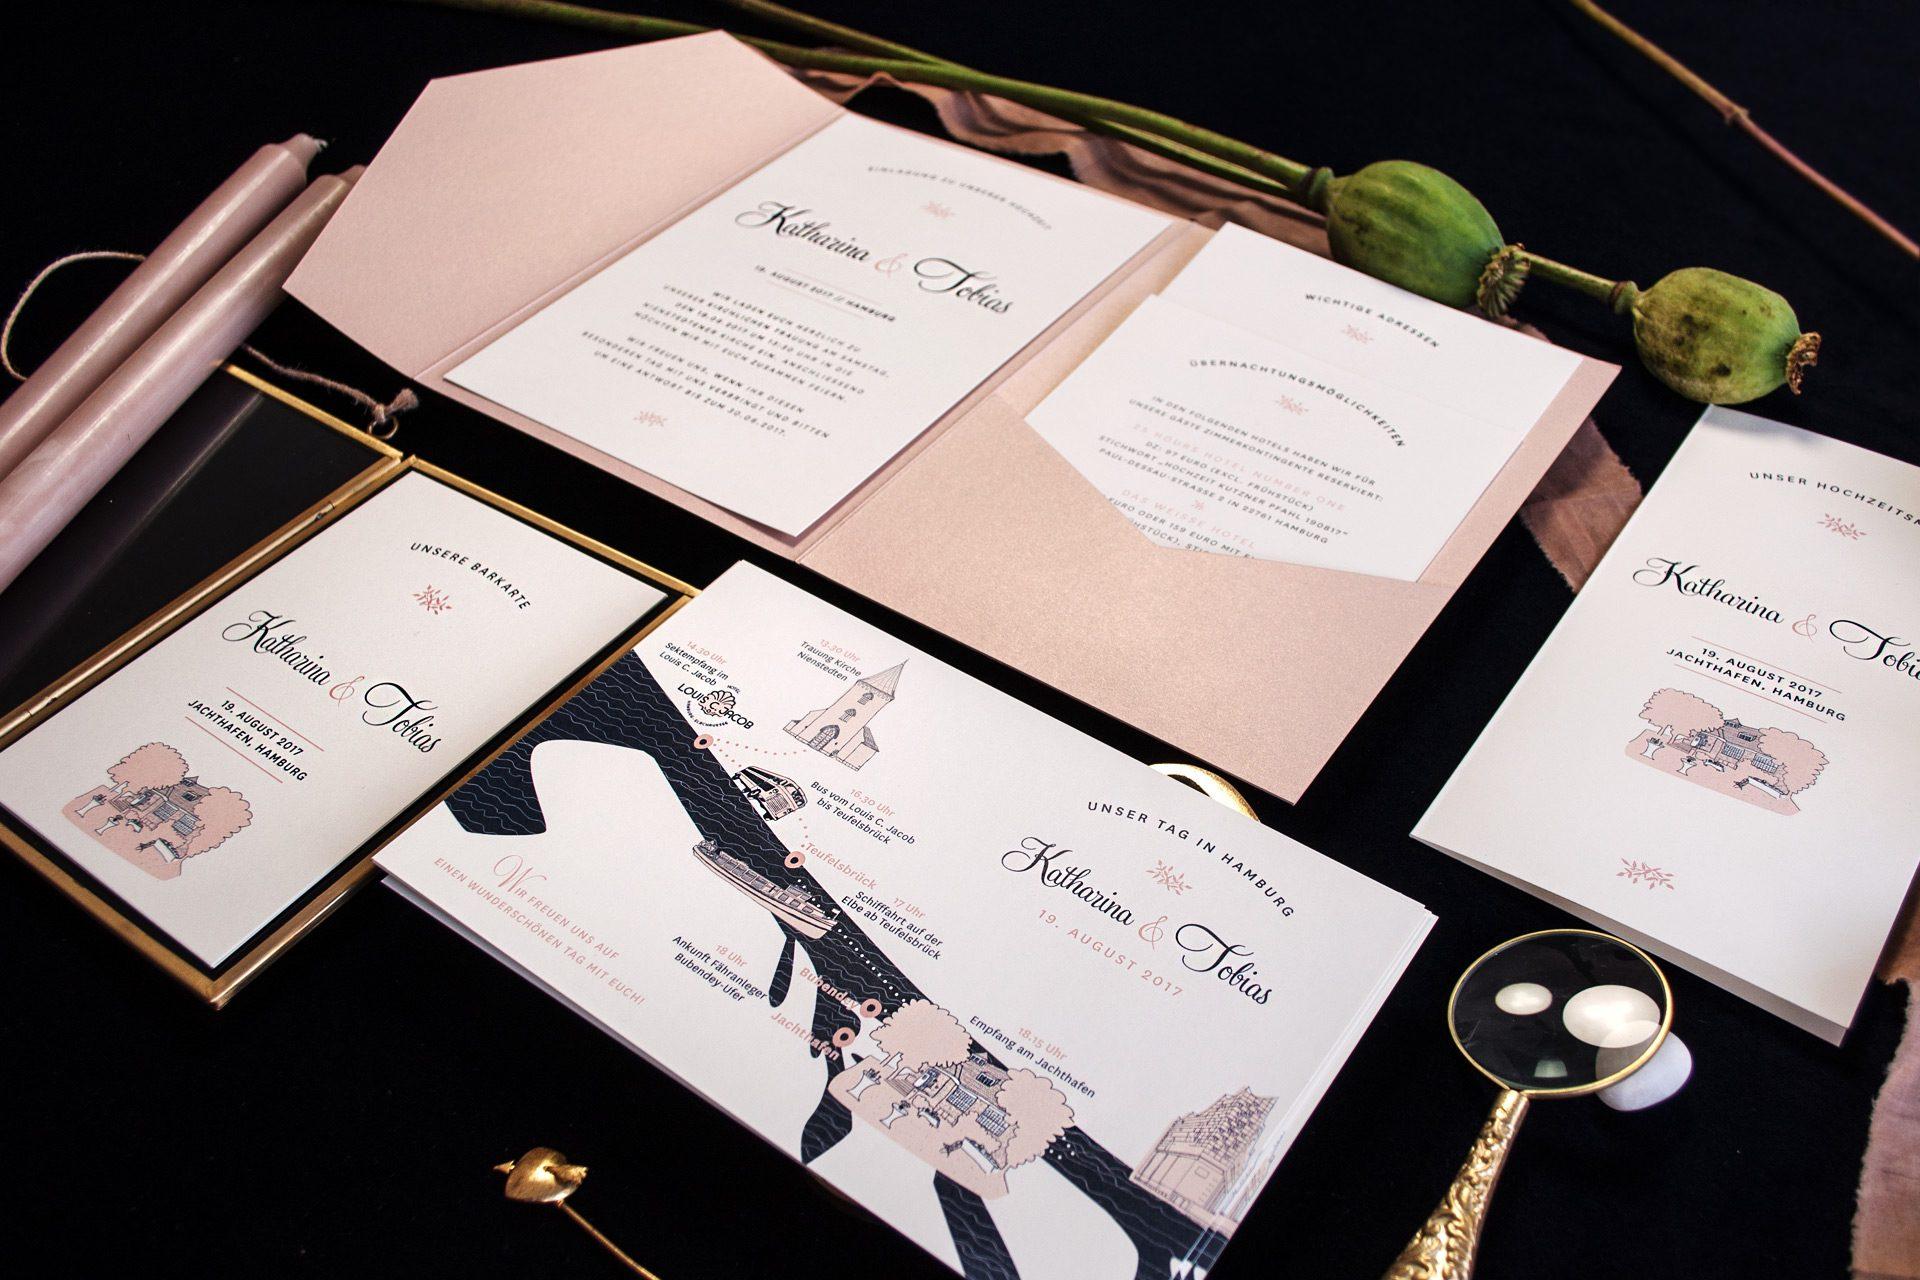 Hochzeitskarten Mulberry im Pocketfold, schimmernd Nude mit HochzeitsAblauf und Timeline, Barkarte und Menü.